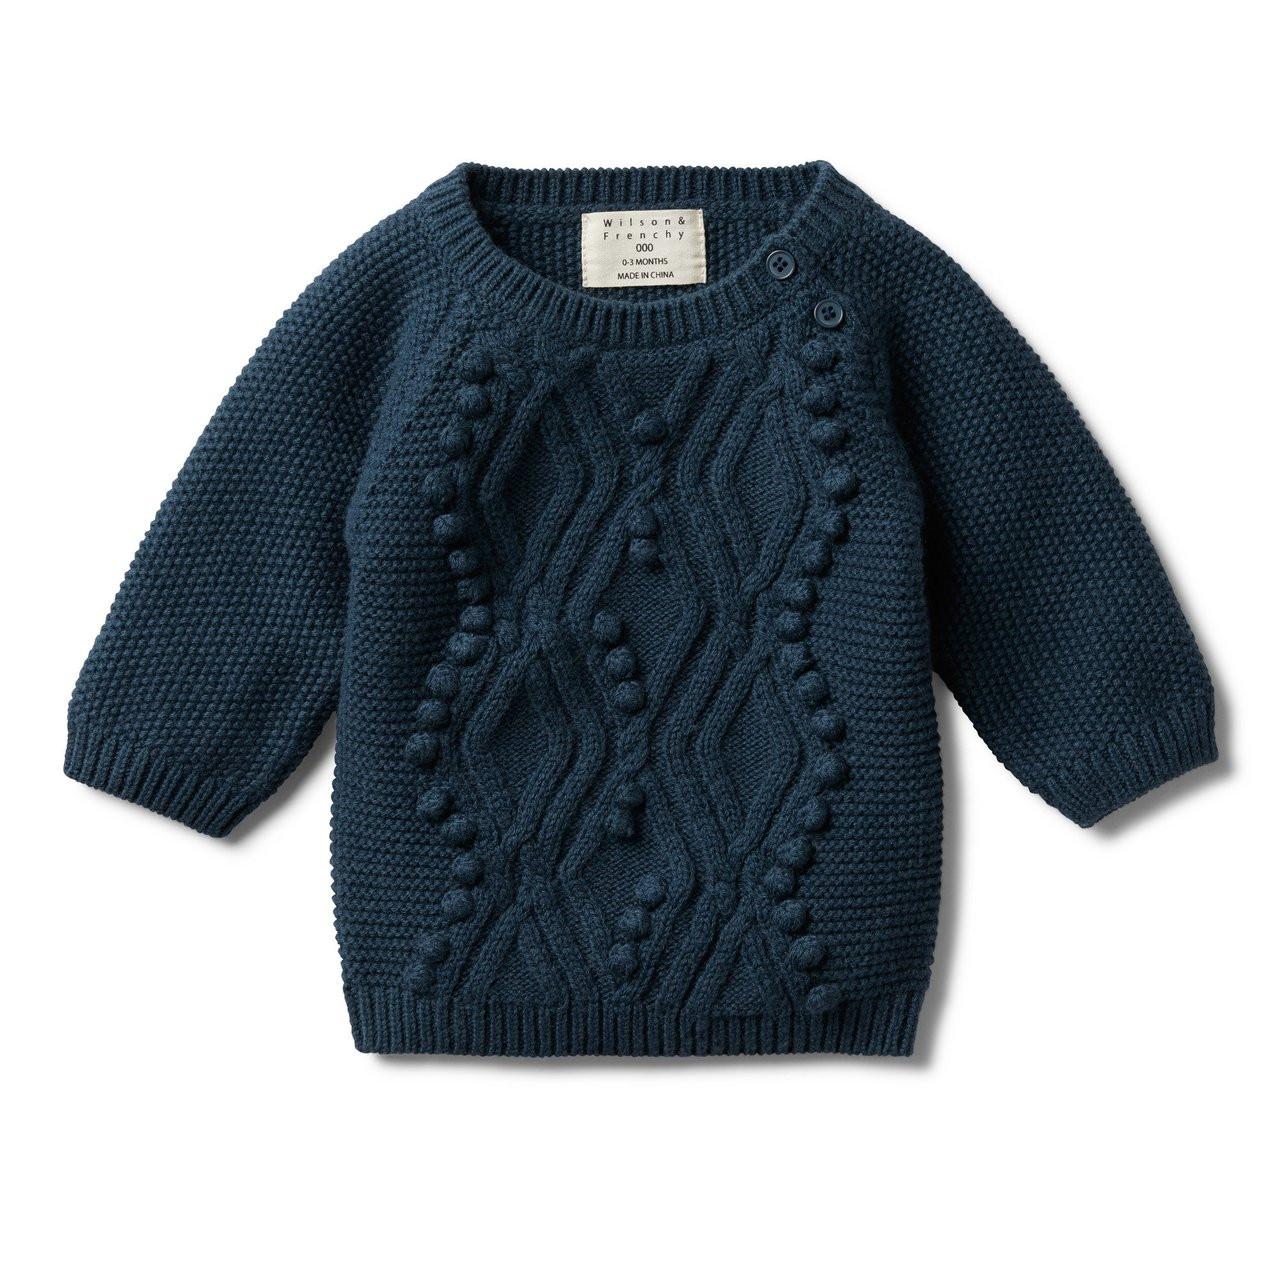 e6e4c938a Majolica Blue Cable Knitted Pom Pom Jumper - Yoko